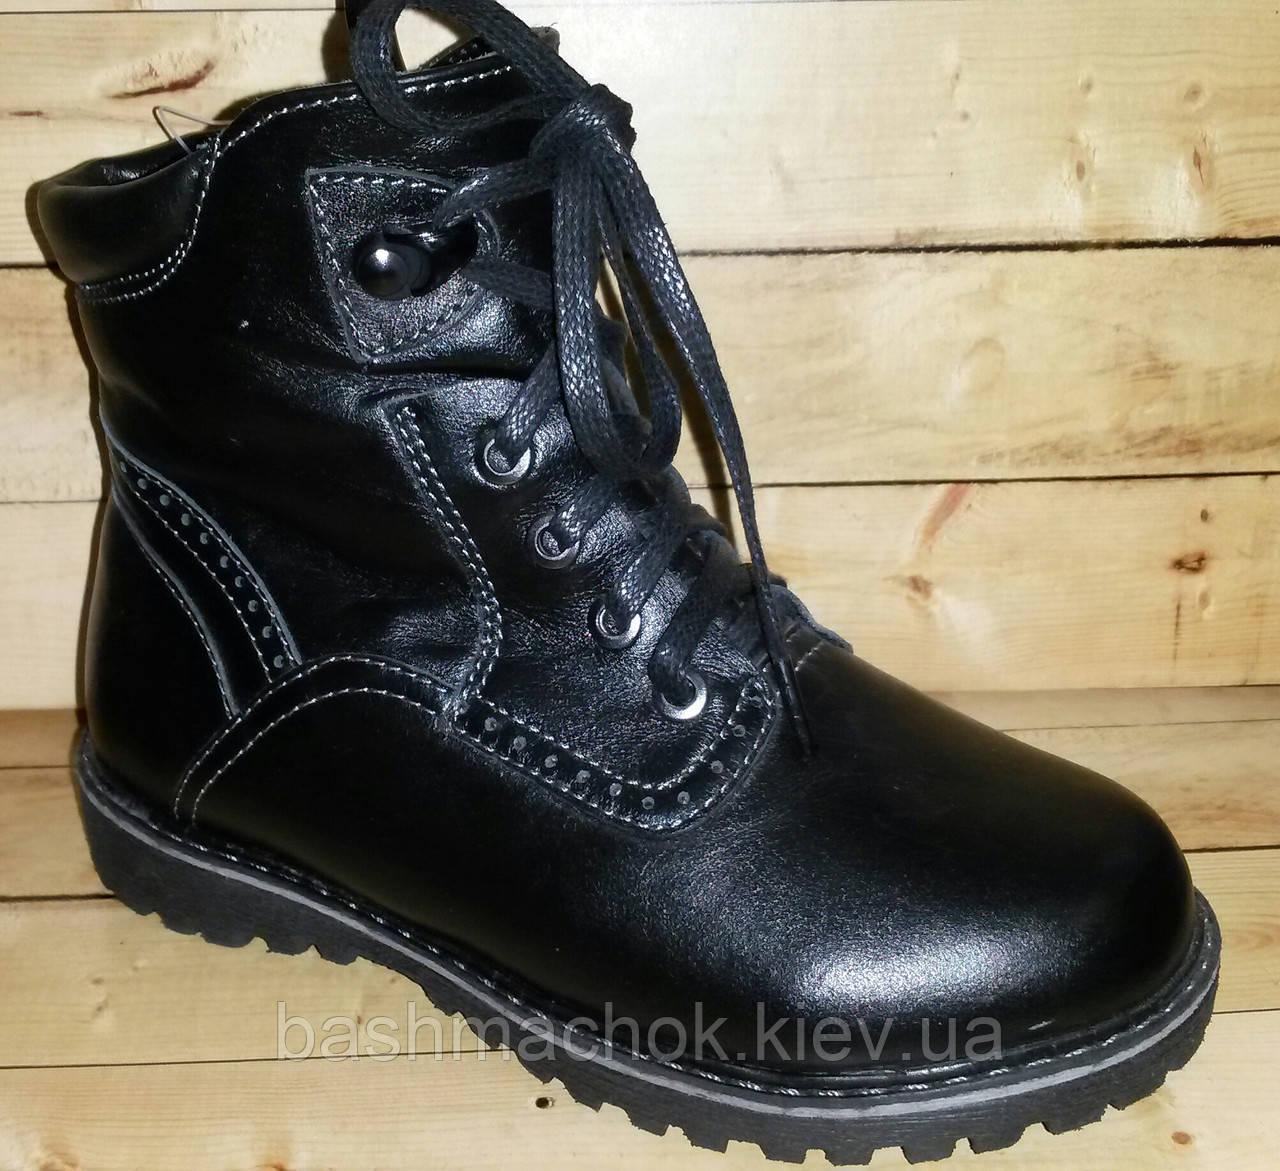 Детские зимние кожаные ботинки Каприз размеры 28 и 29  продажа 0a2733c97e3ae